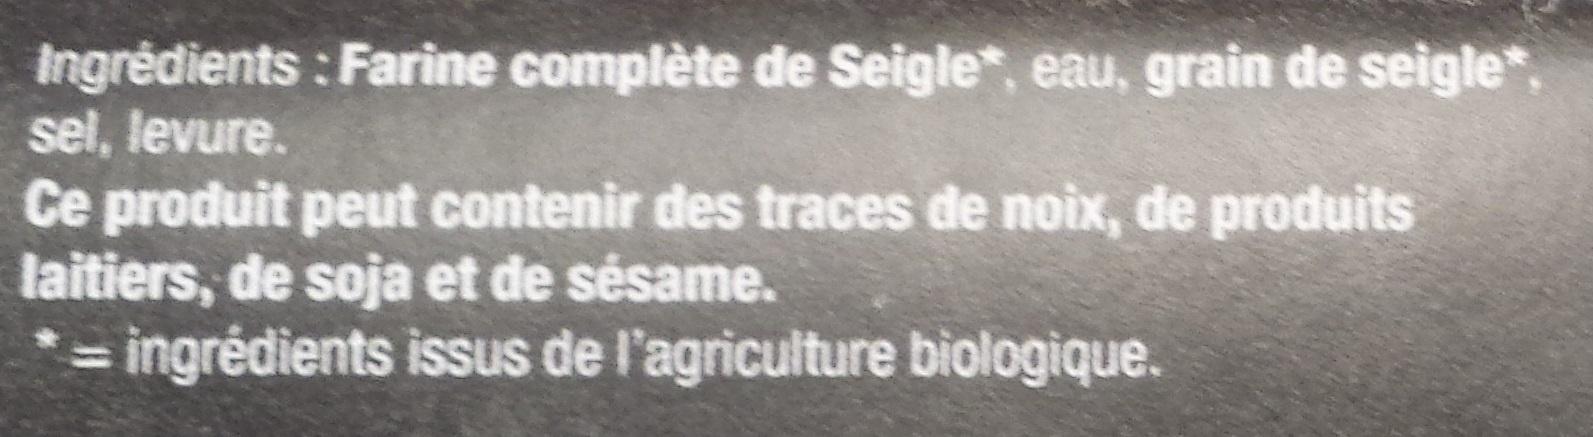 Pain de Seigle - Ingrédients - fr